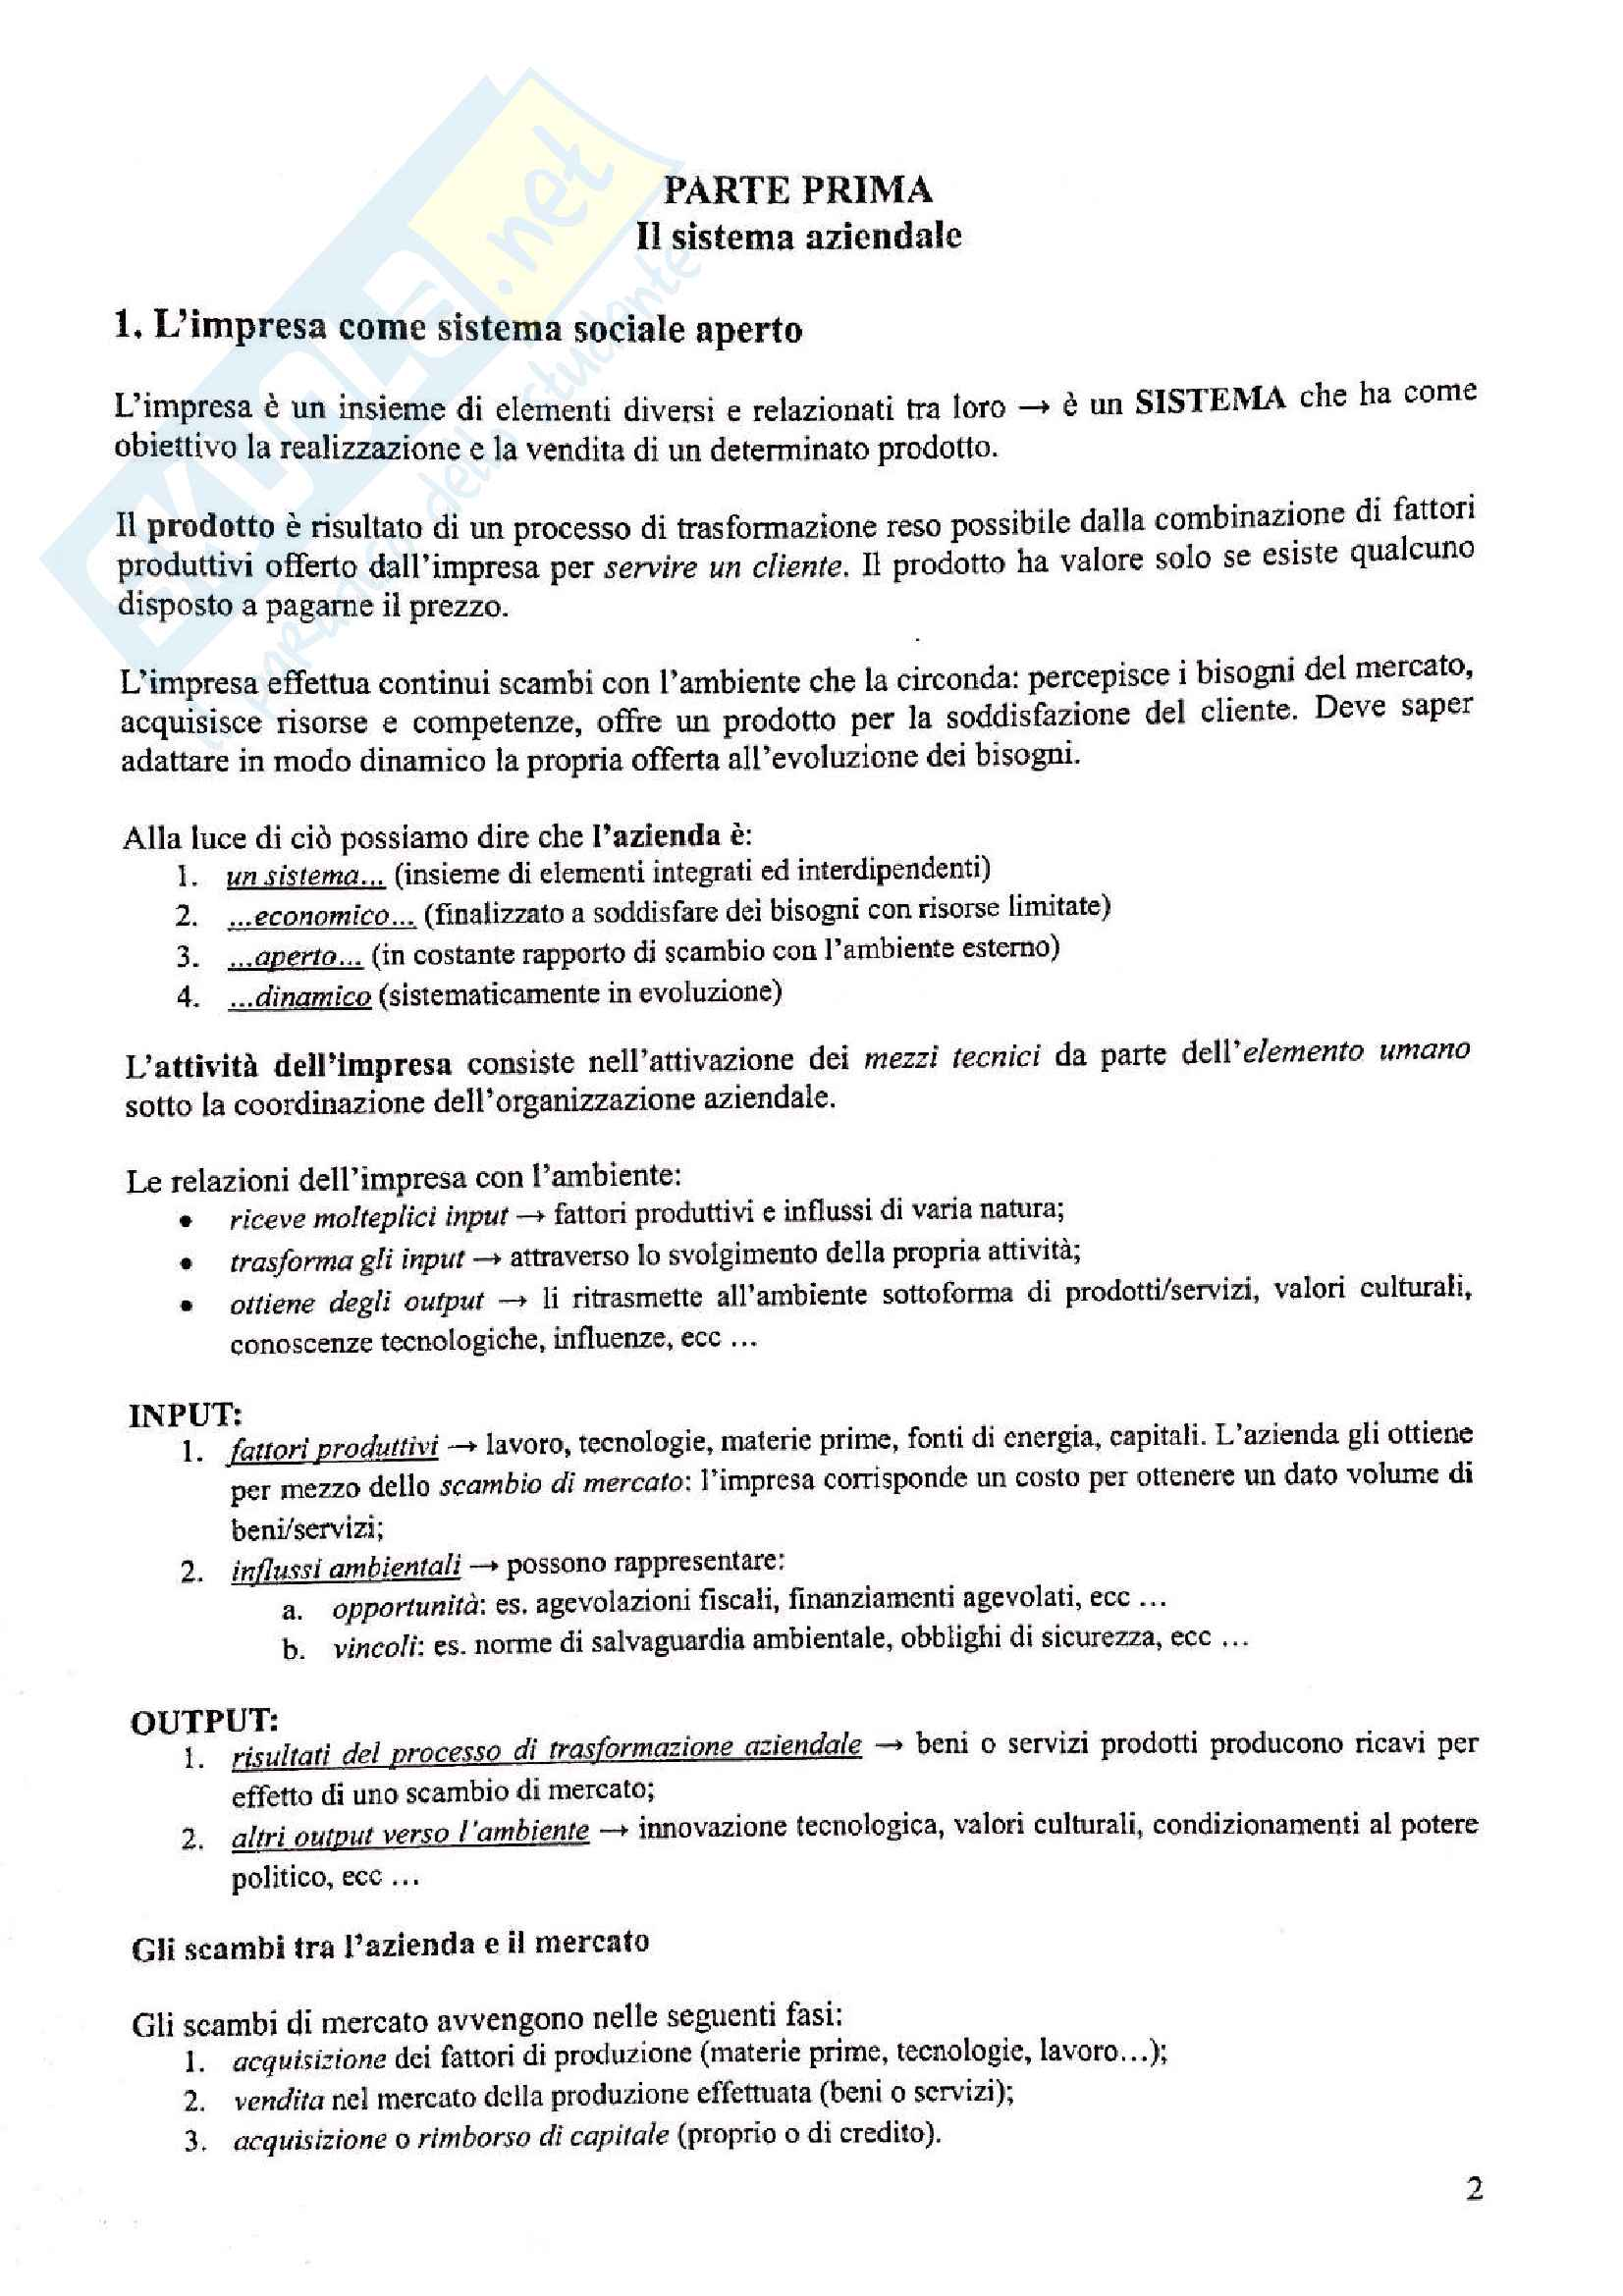 Appunti di economia aziendale, prof. Biancone Pag. 2